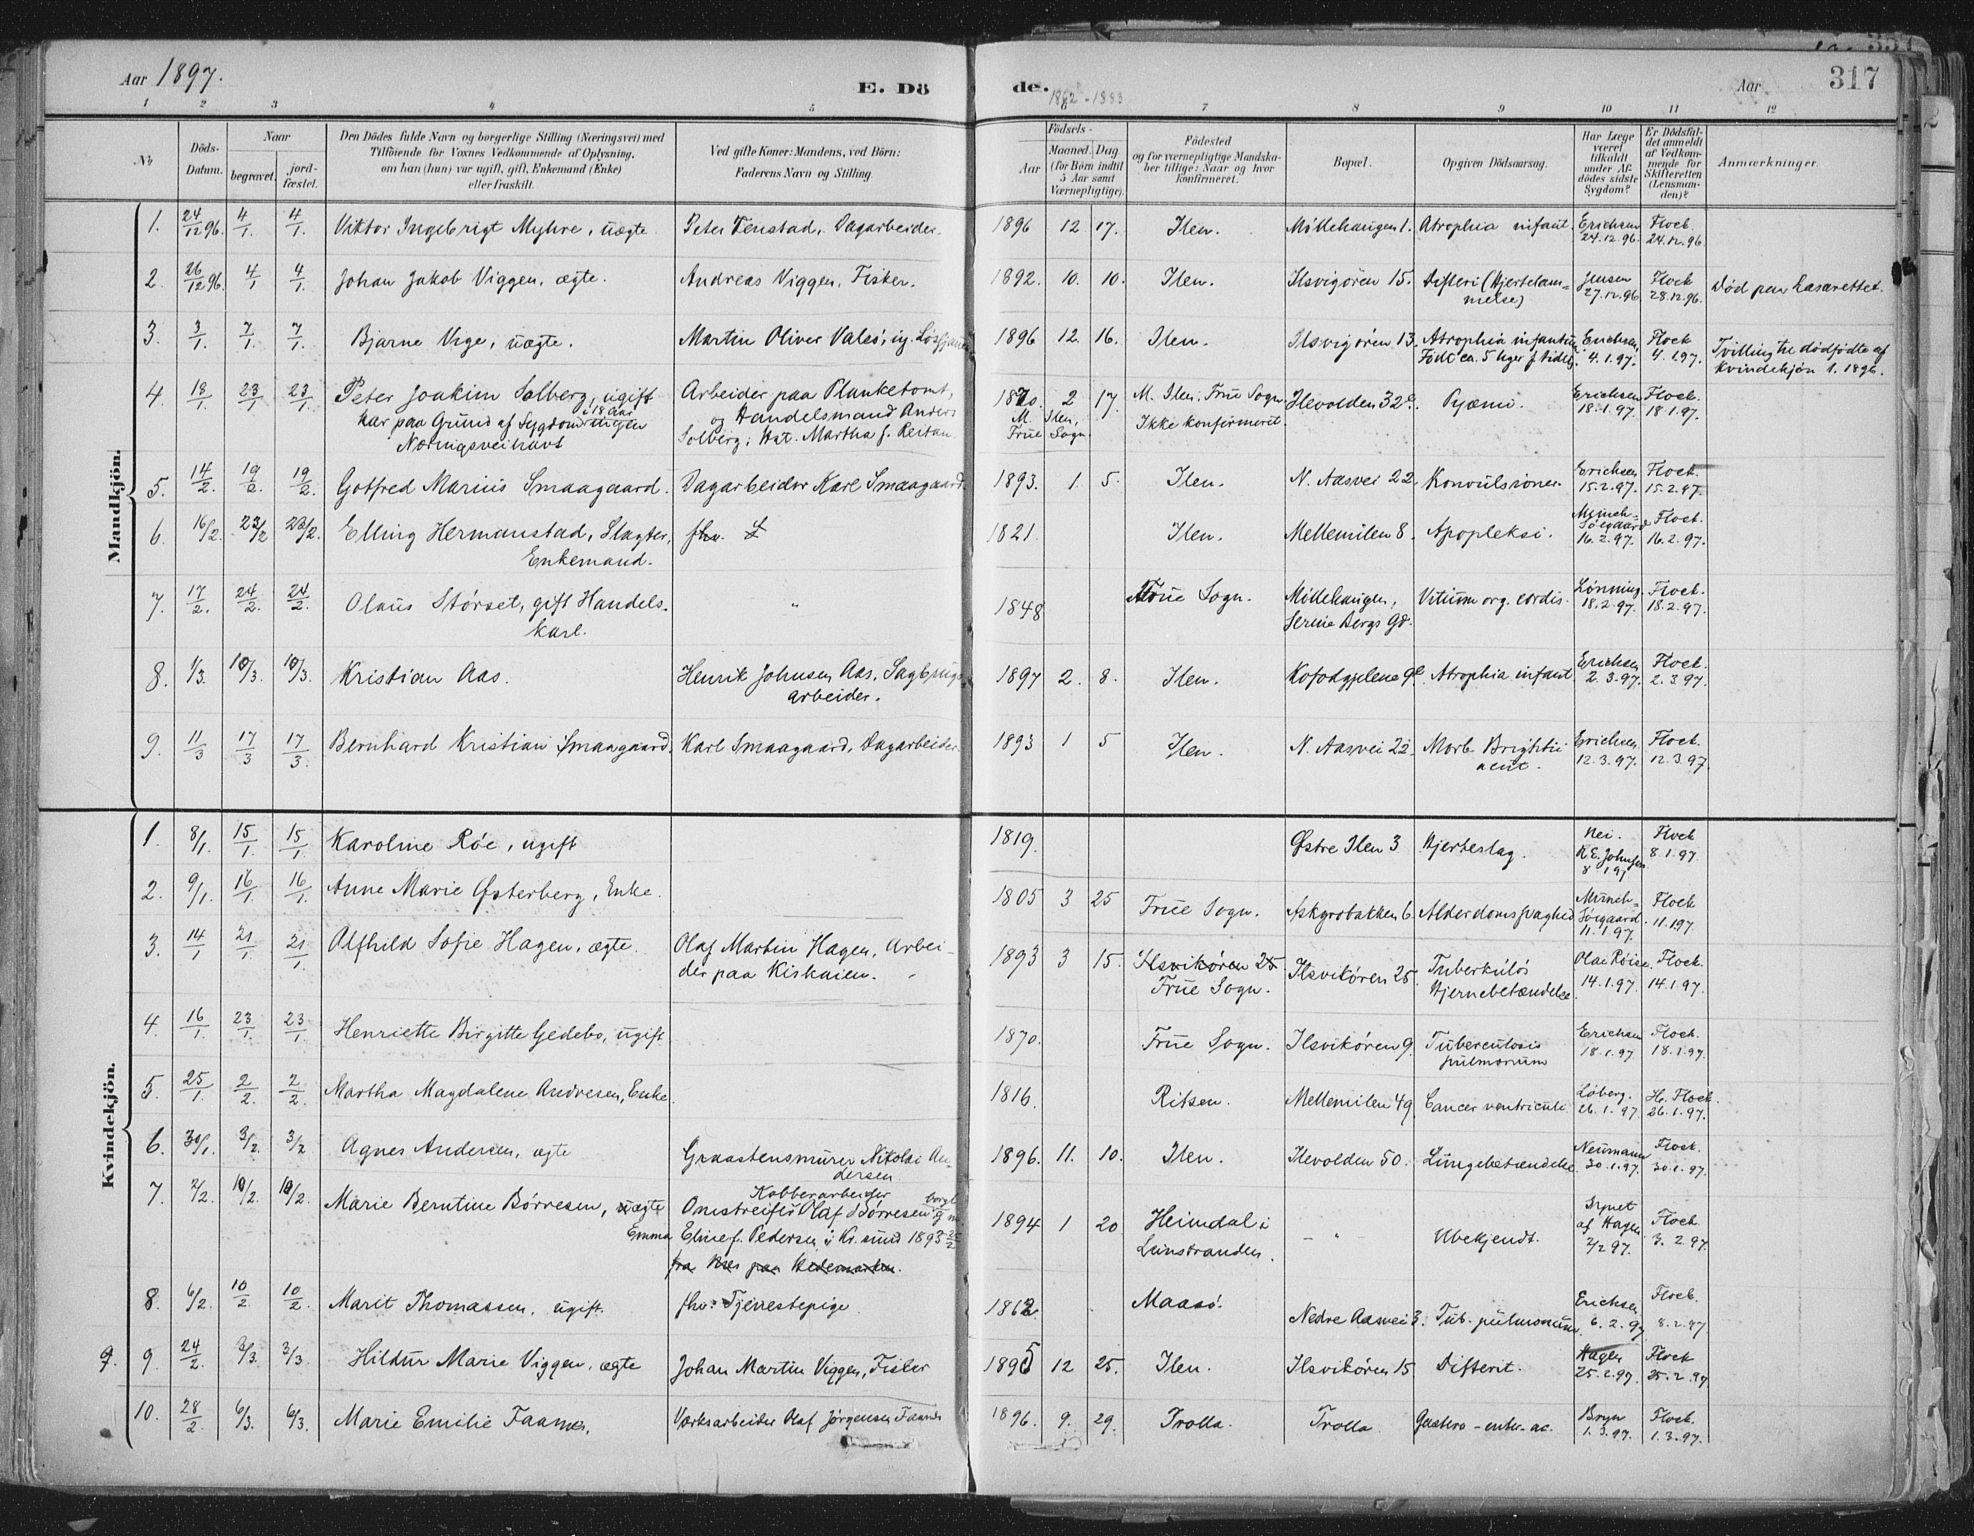 SAT, Ministerialprotokoller, klokkerbøker og fødselsregistre - Sør-Trøndelag, 603/L0167: Ministerialbok nr. 603A06, 1896-1932, s. 317